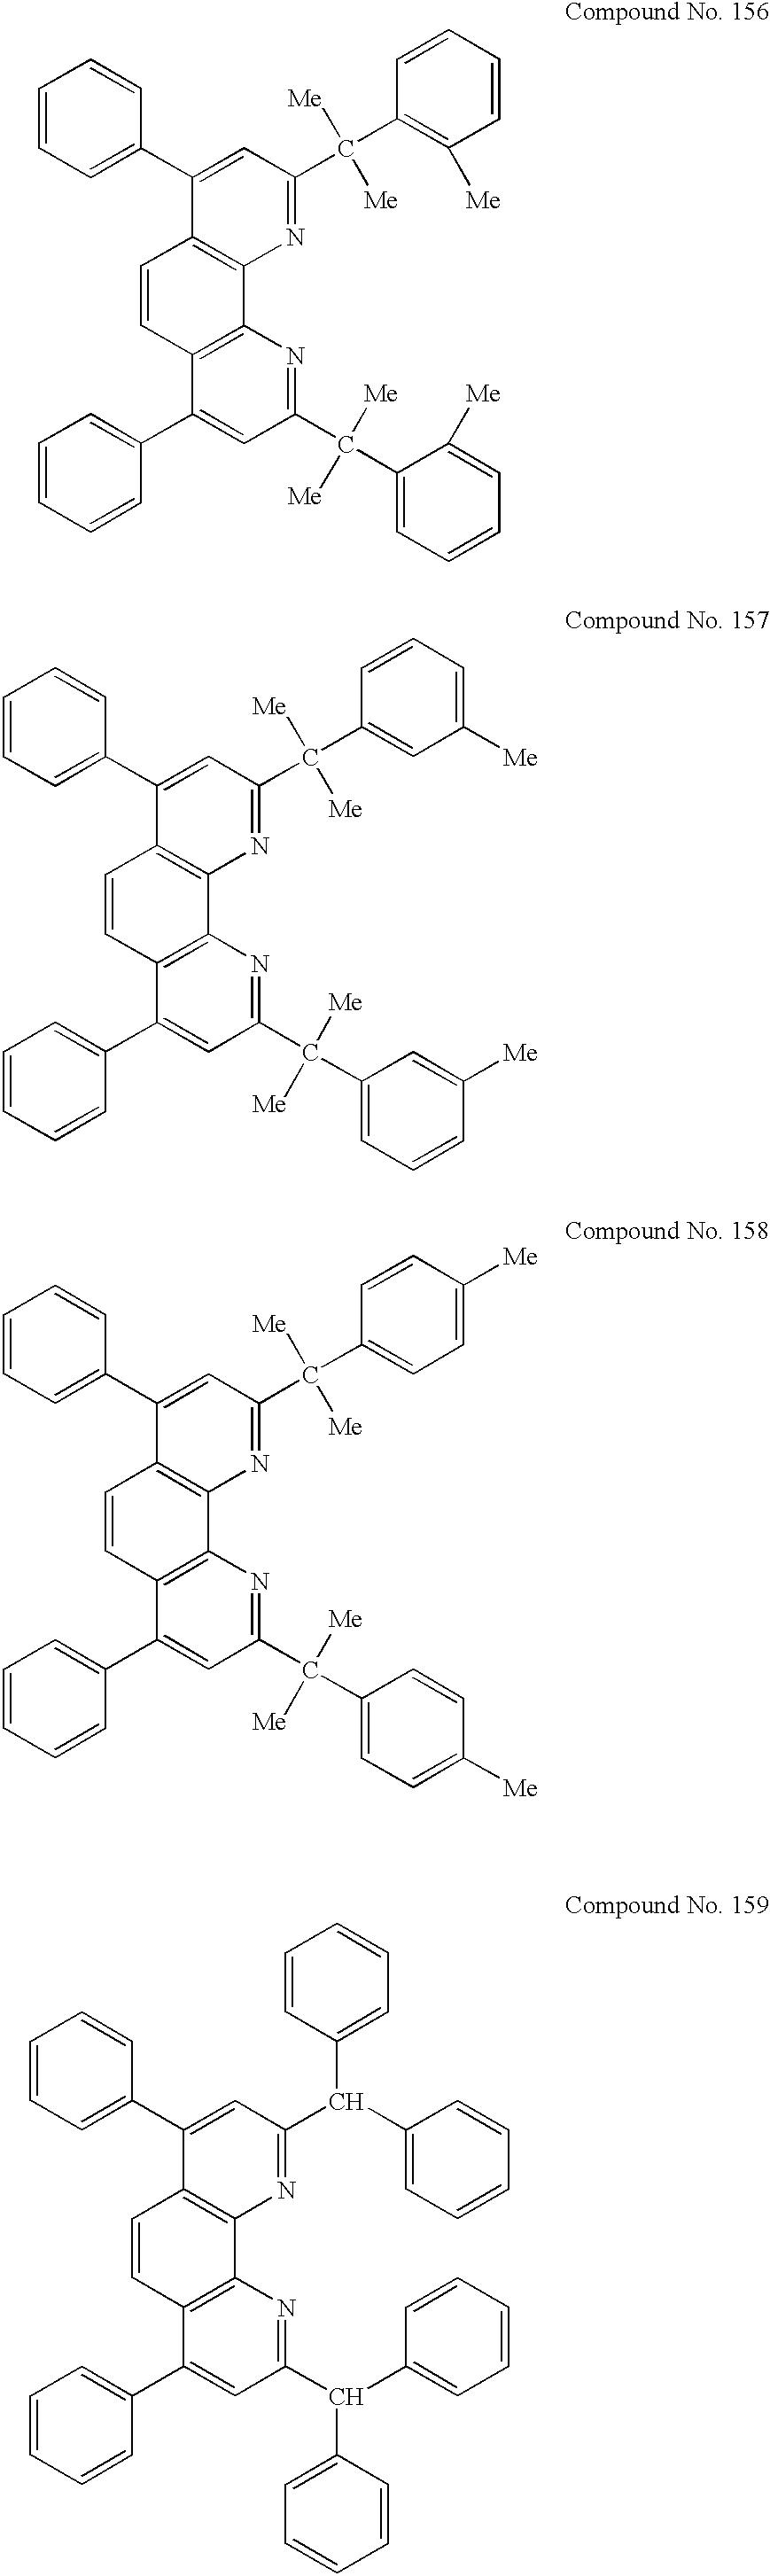 Figure US06524728-20030225-C00048